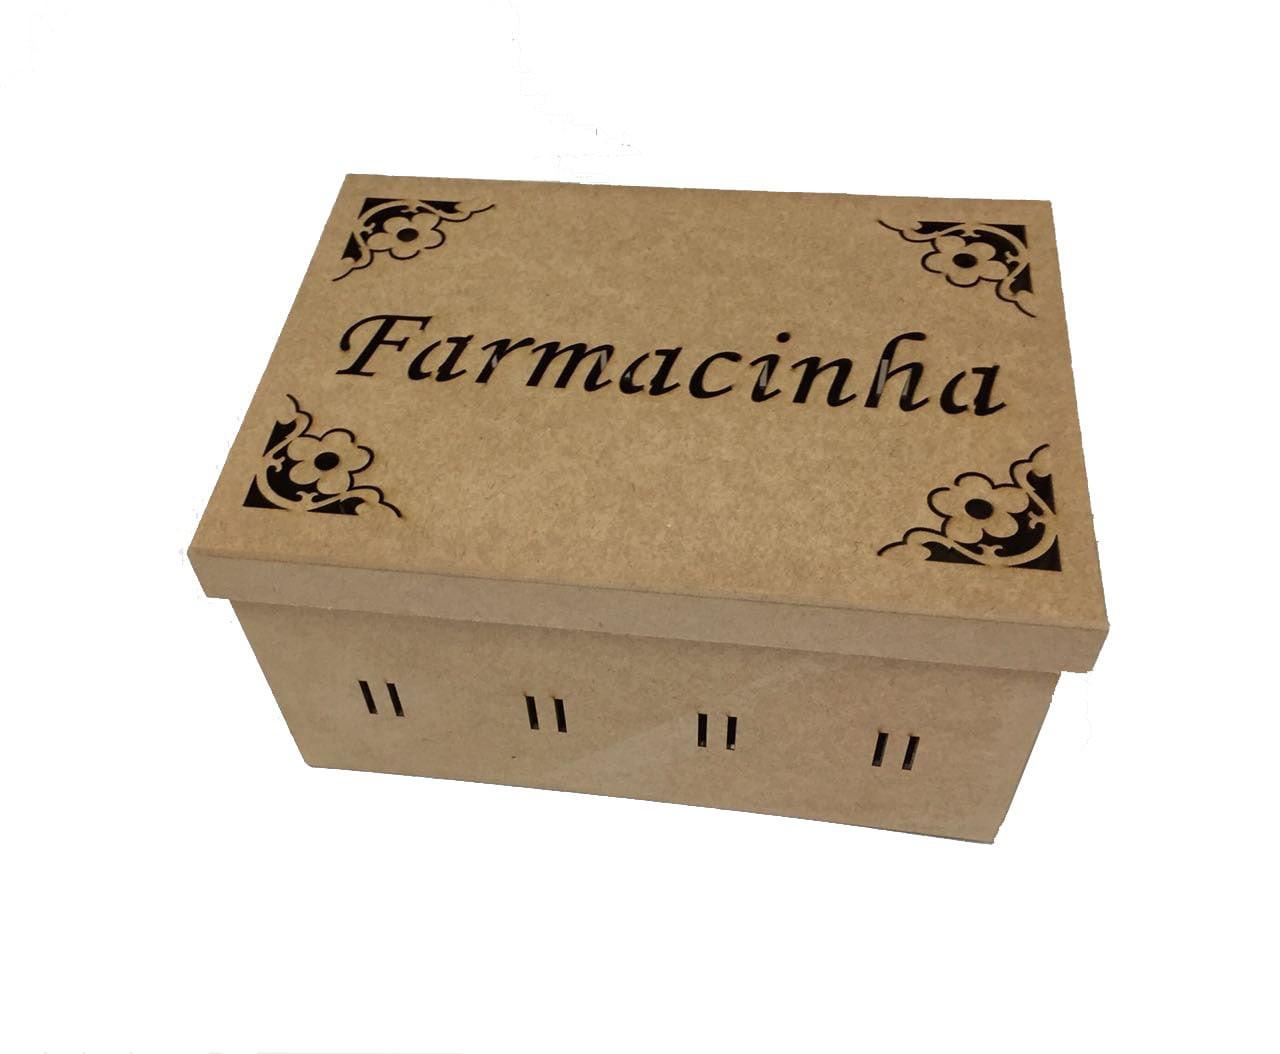 Caixa para Remédio em MDF - Farmacinha